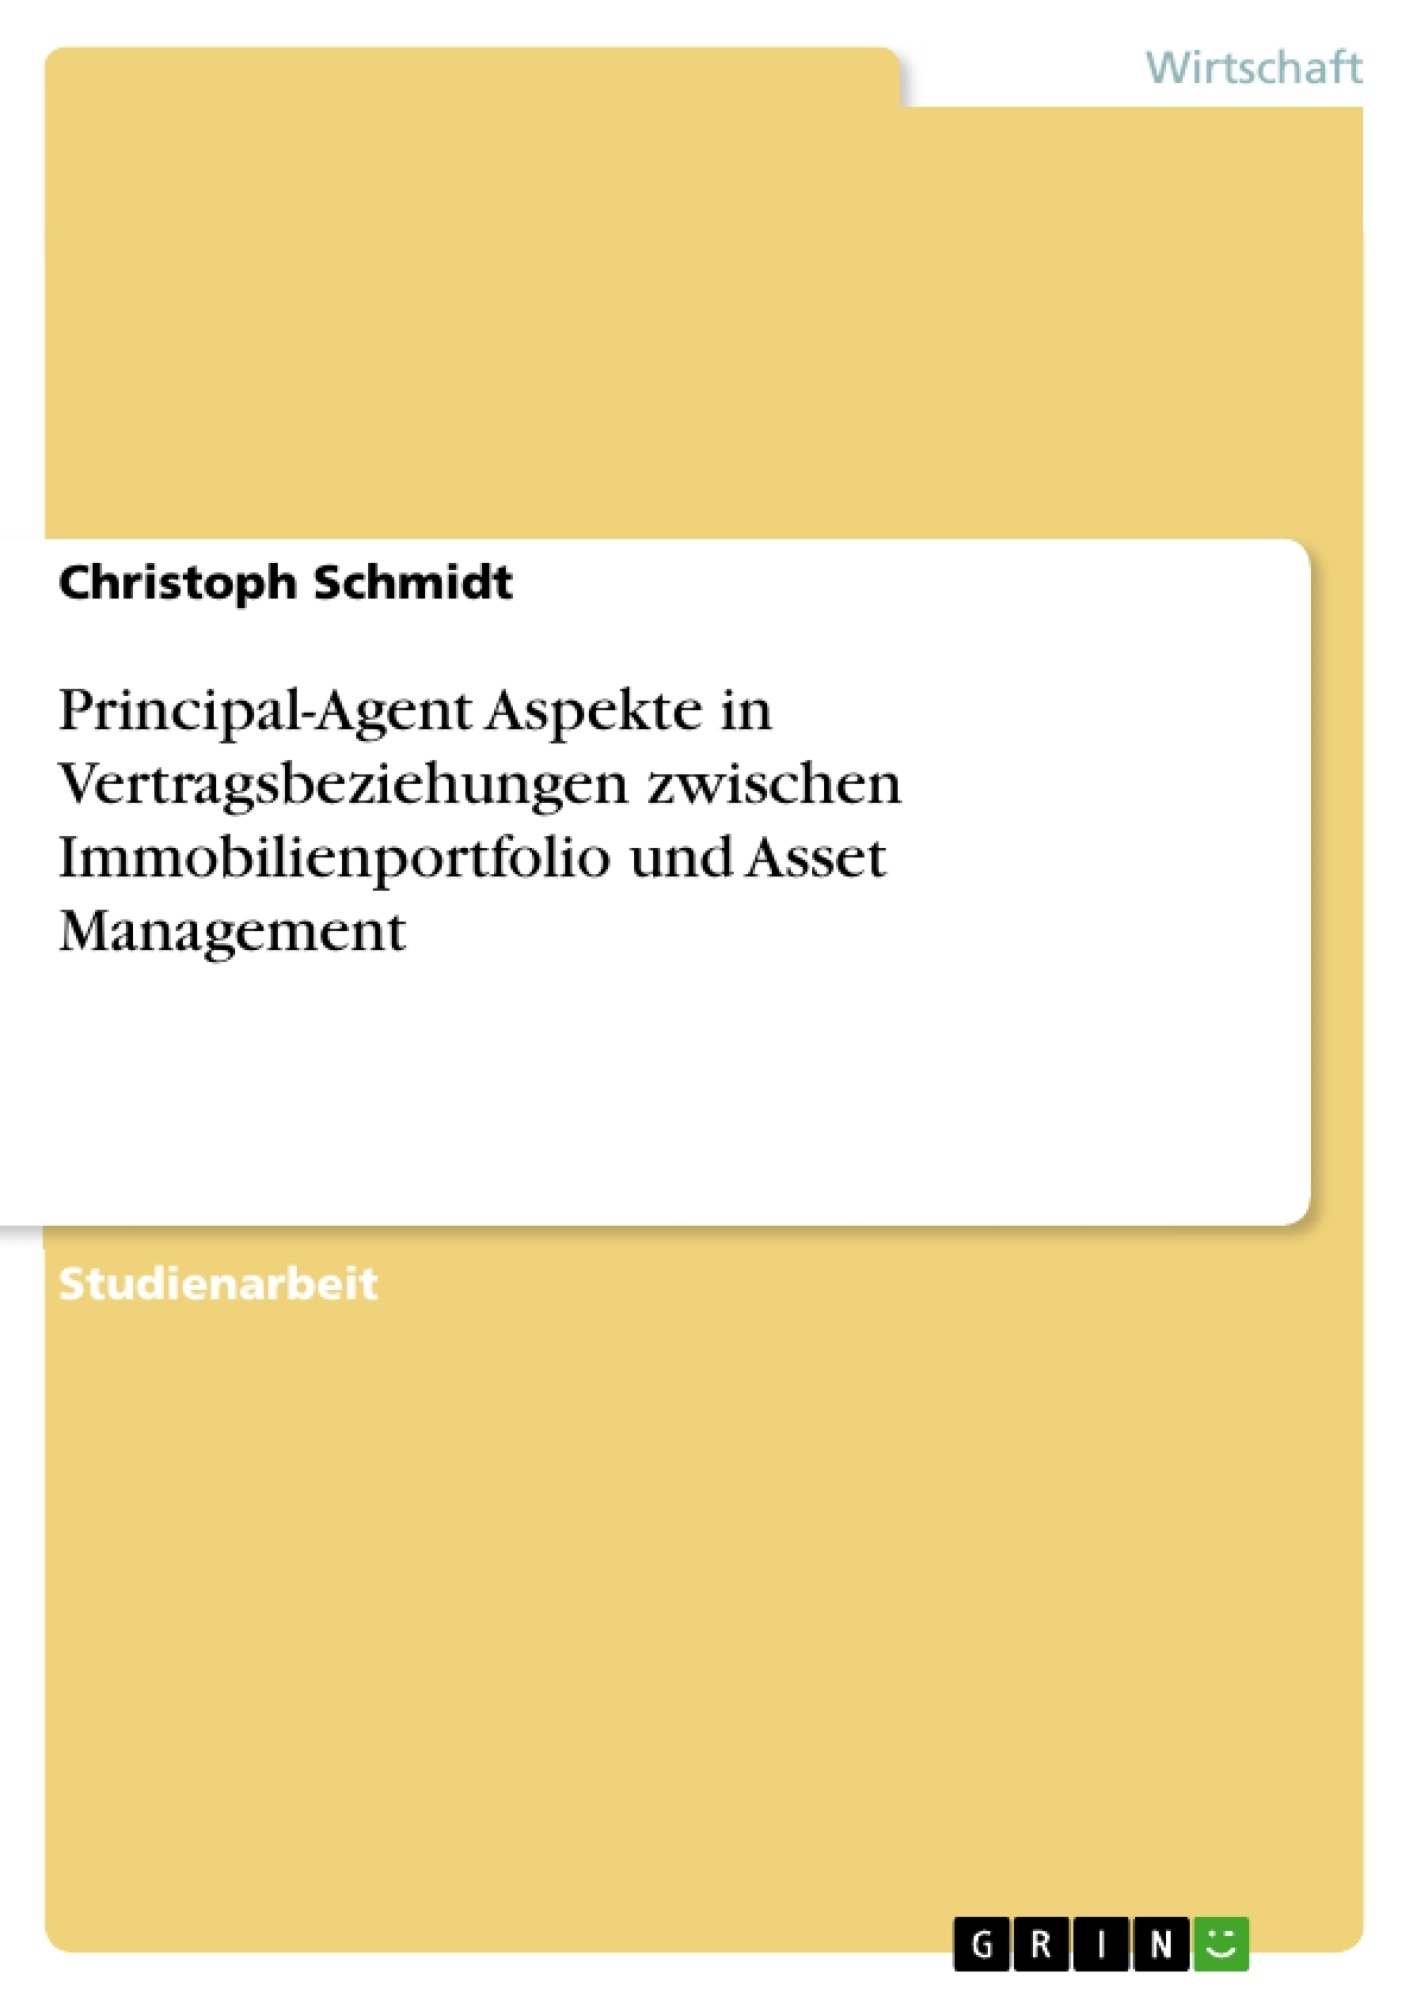 Titel: Principal-Agent Aspekte in Vertragsbeziehungen zwischen Immobilienportfolio und Asset Management